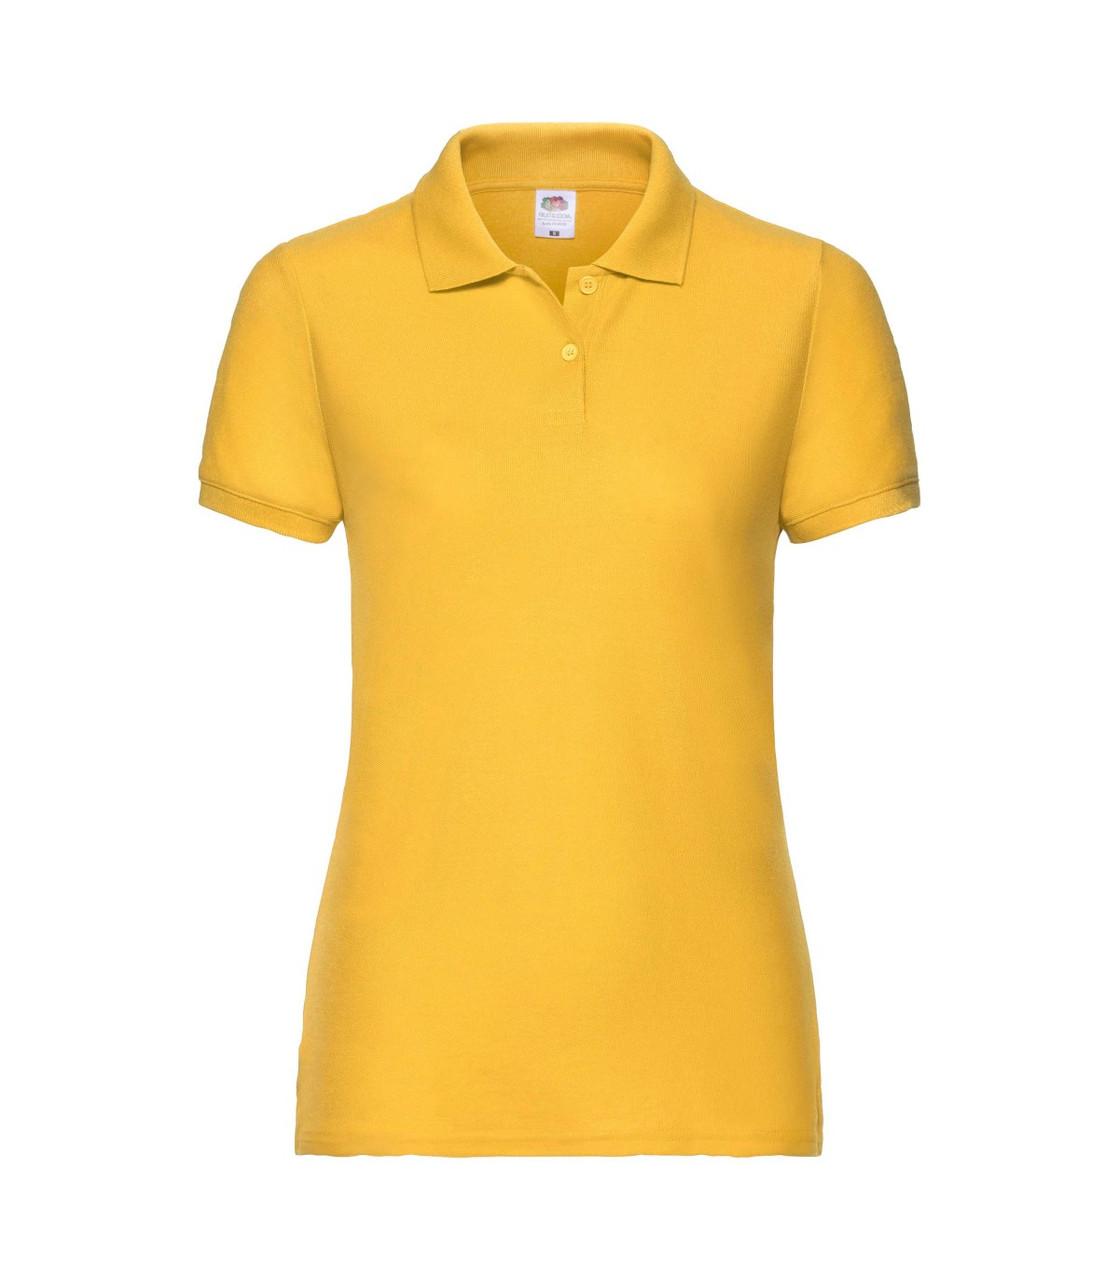 Женская футболка поло желтая 212-34